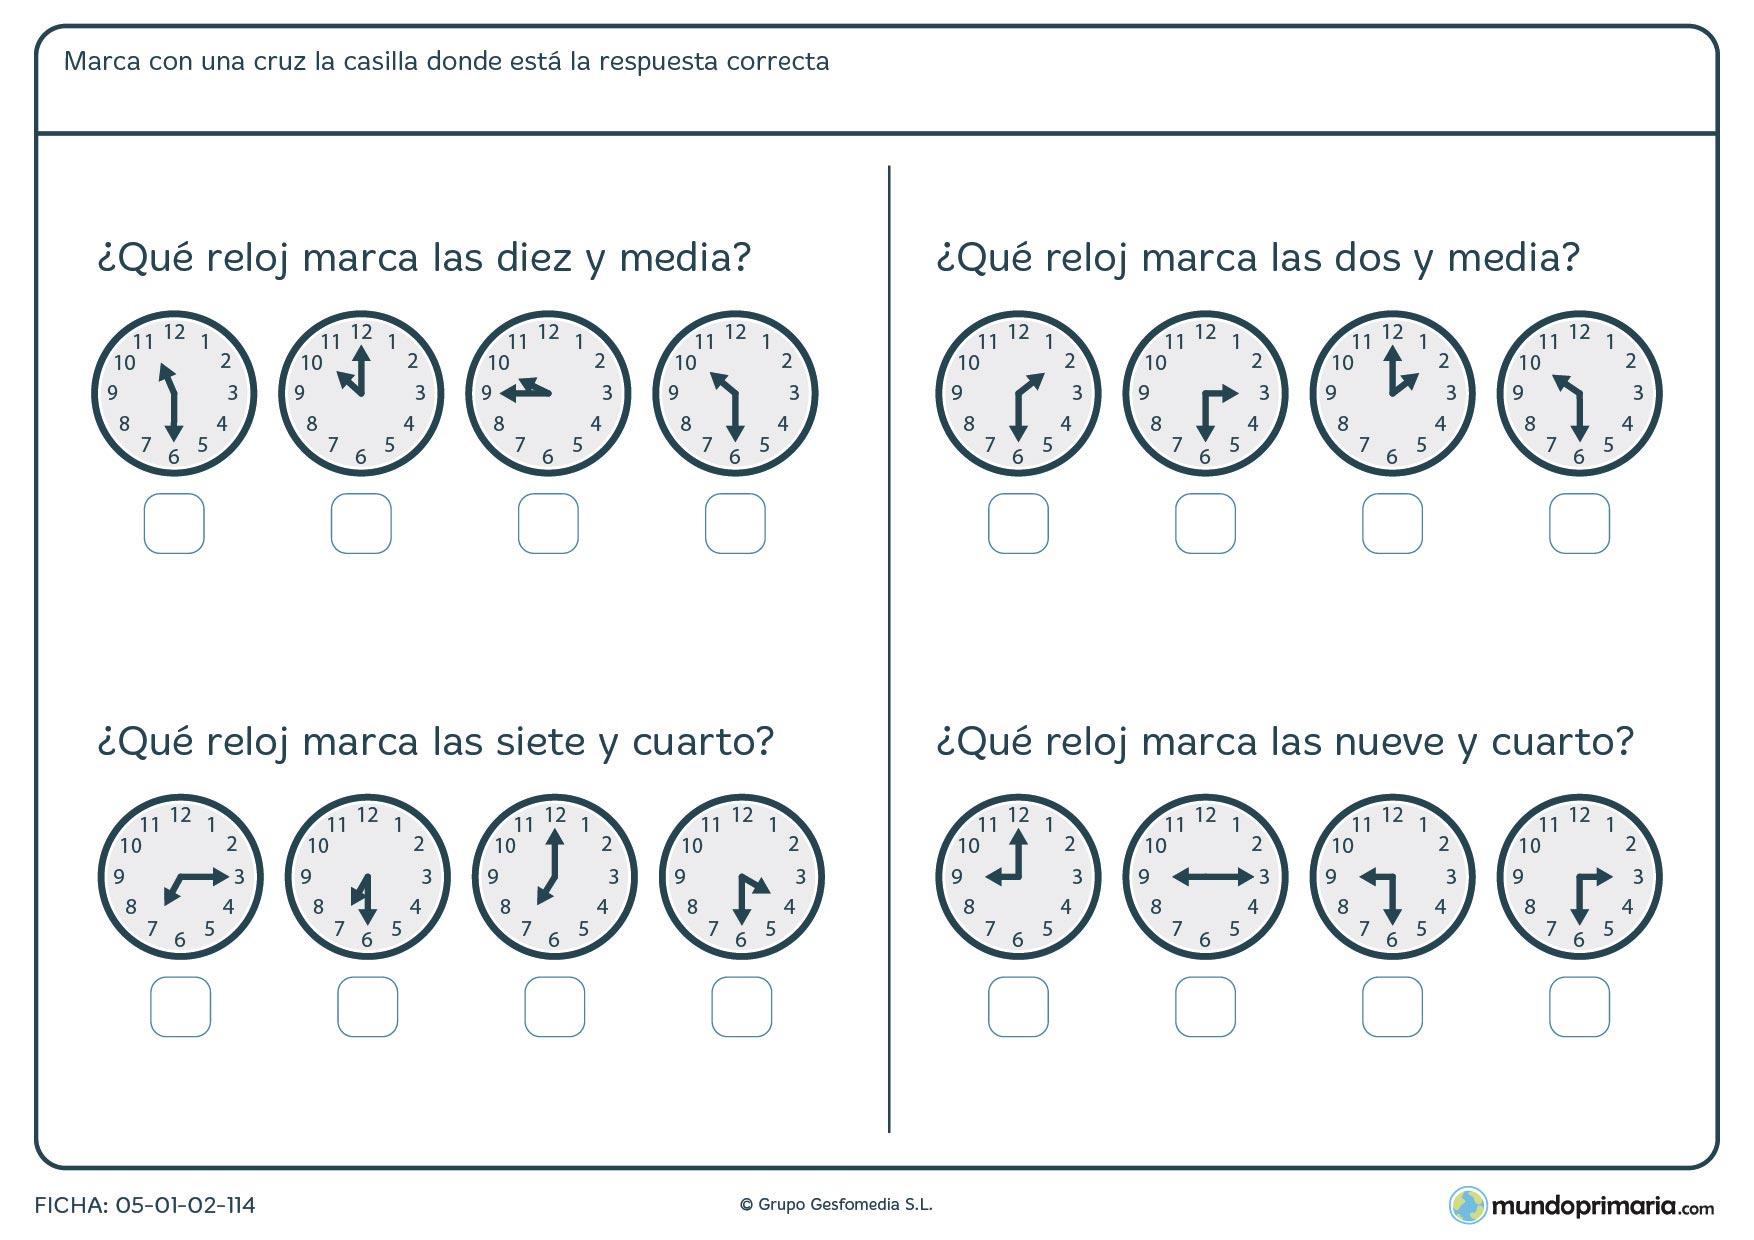 Ficha de medias horas. De estos relojes analógicos dinos cual marca la hora correcta.